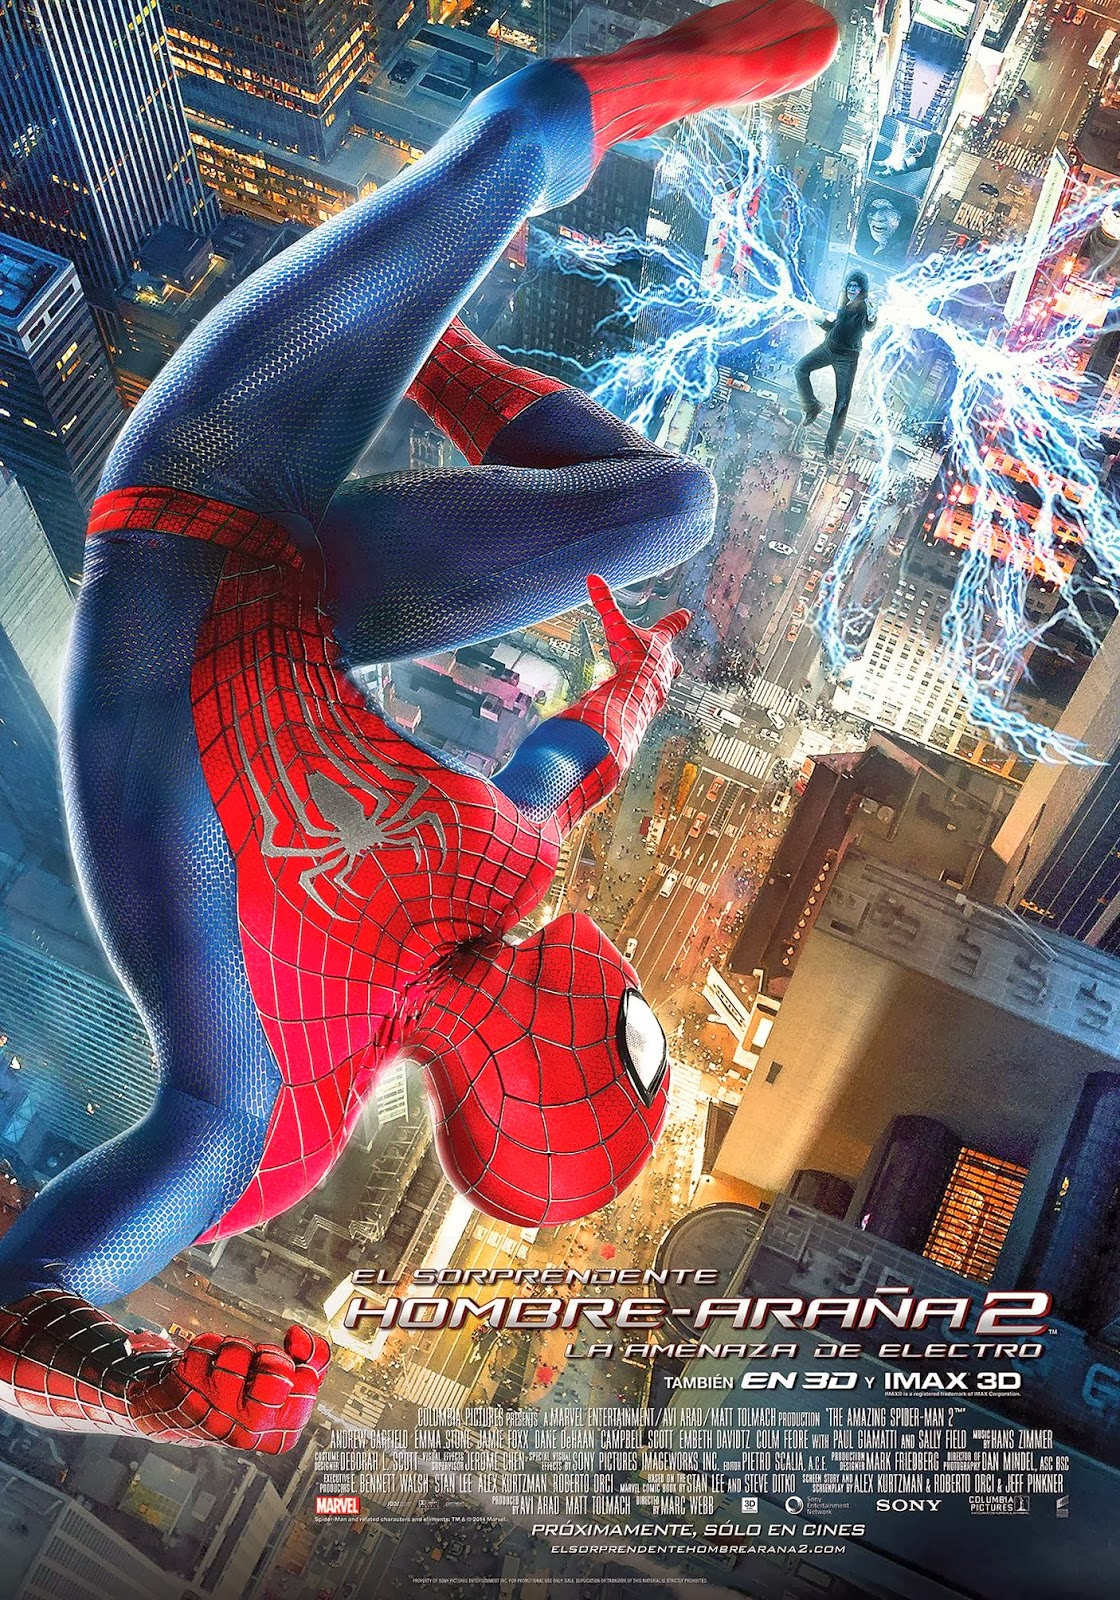 El sorprendente Hombre Araña 2: La amenaza de Electro